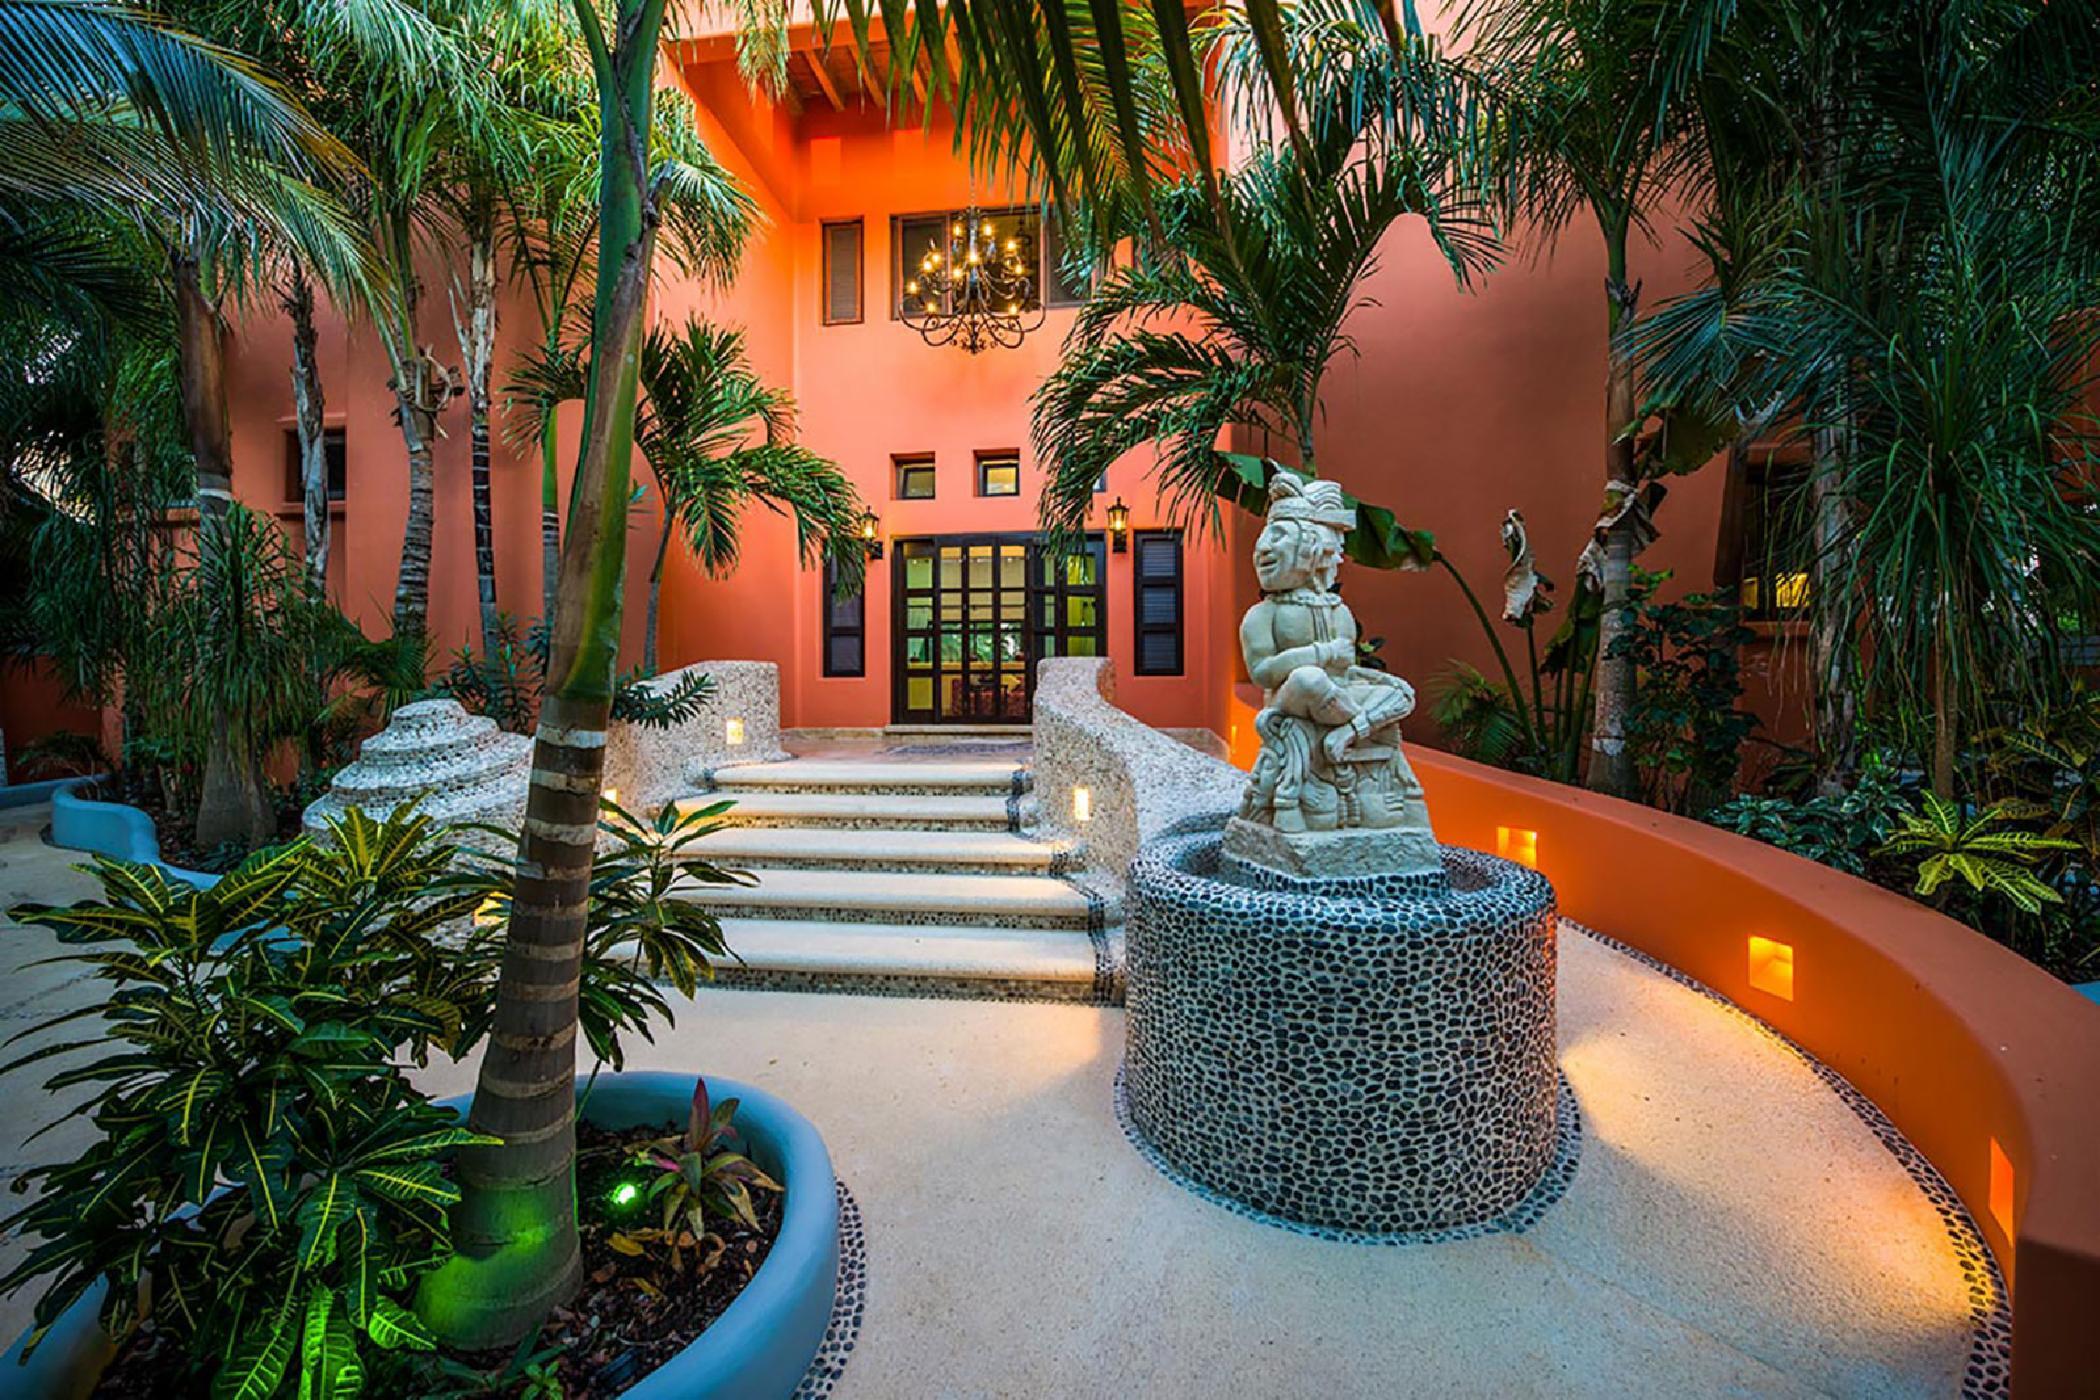 Maya_Luxe_Riviera_Maya_Luxury_Villas_Experiences_Tankah_Bay_Tulum_8_Bedrooms_Cenote_del_Mar_25.jpg